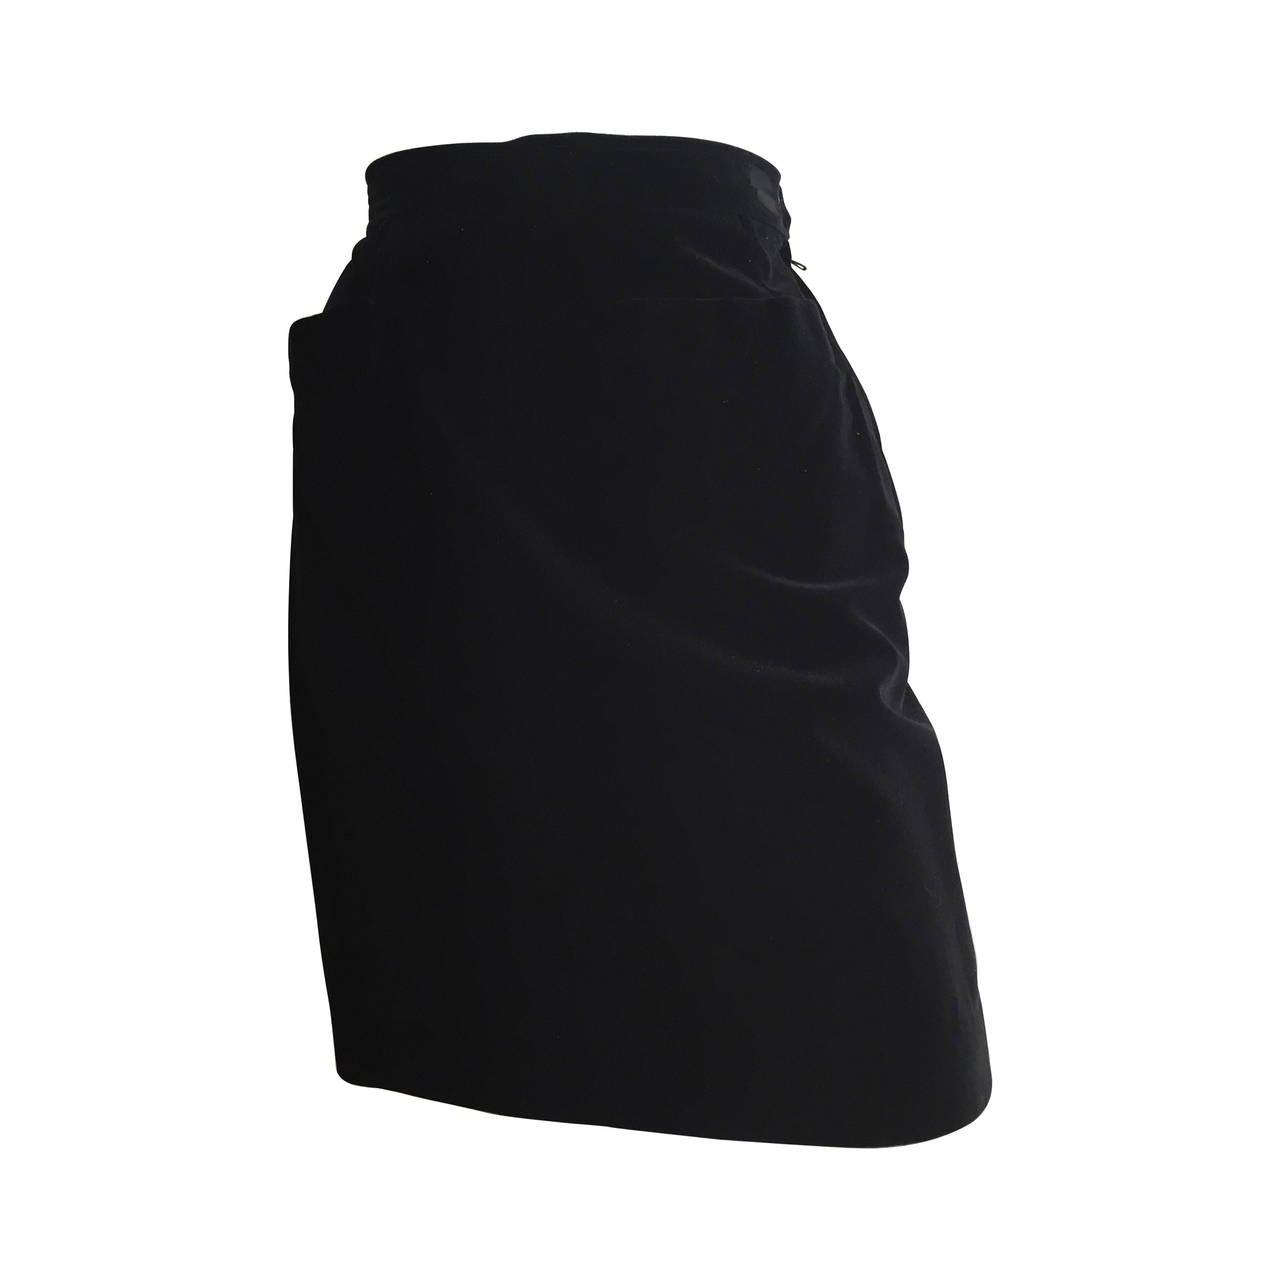 Saint Laurent Rive Gauche 1980s Black Velvet skirt Size 6.